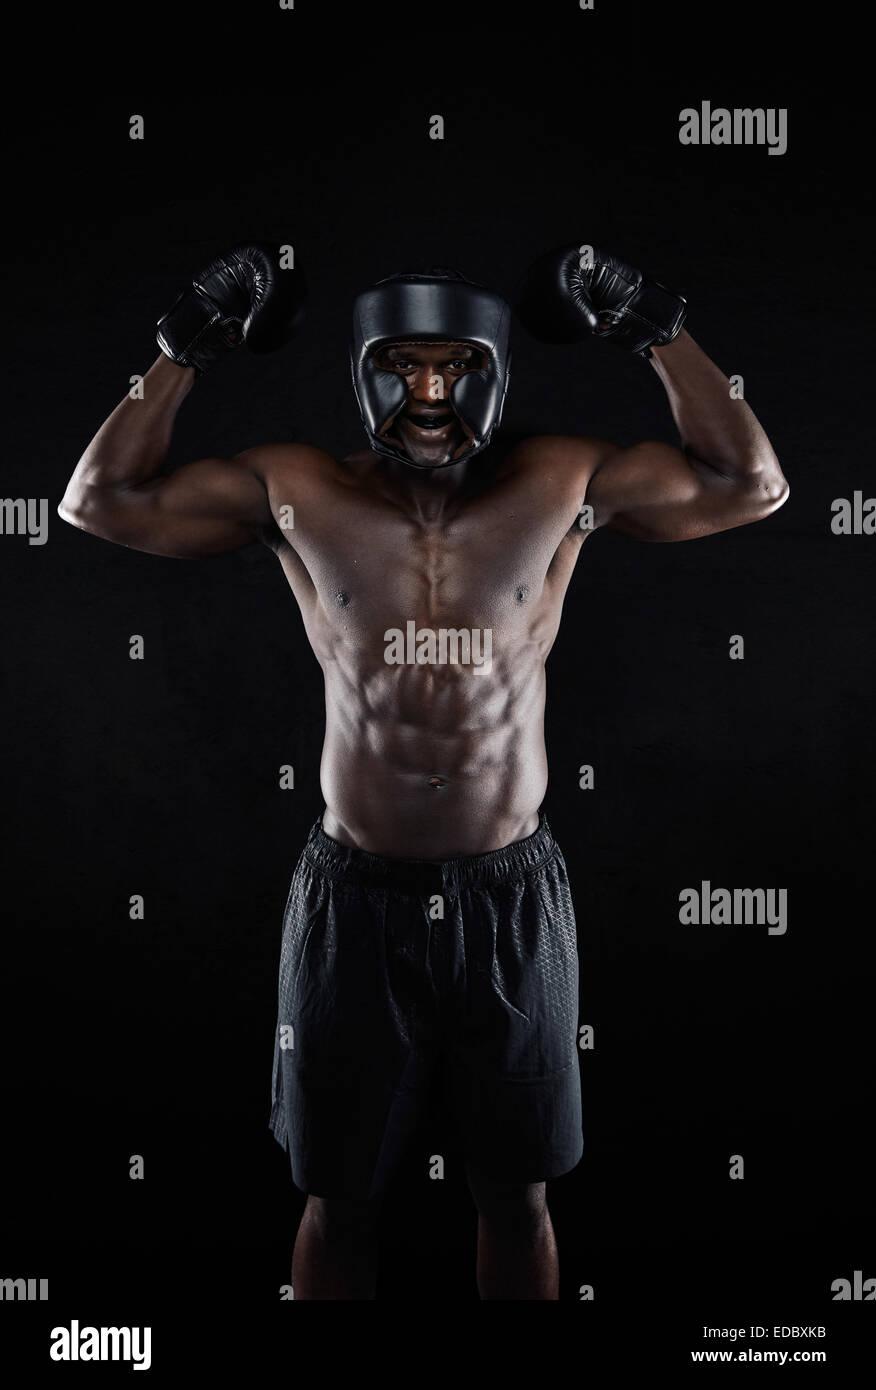 Porträt von glücklichen jungen afrikanischen Boxen Gewinner auf schwarzem Hintergrund. Muskulöse Stockbild